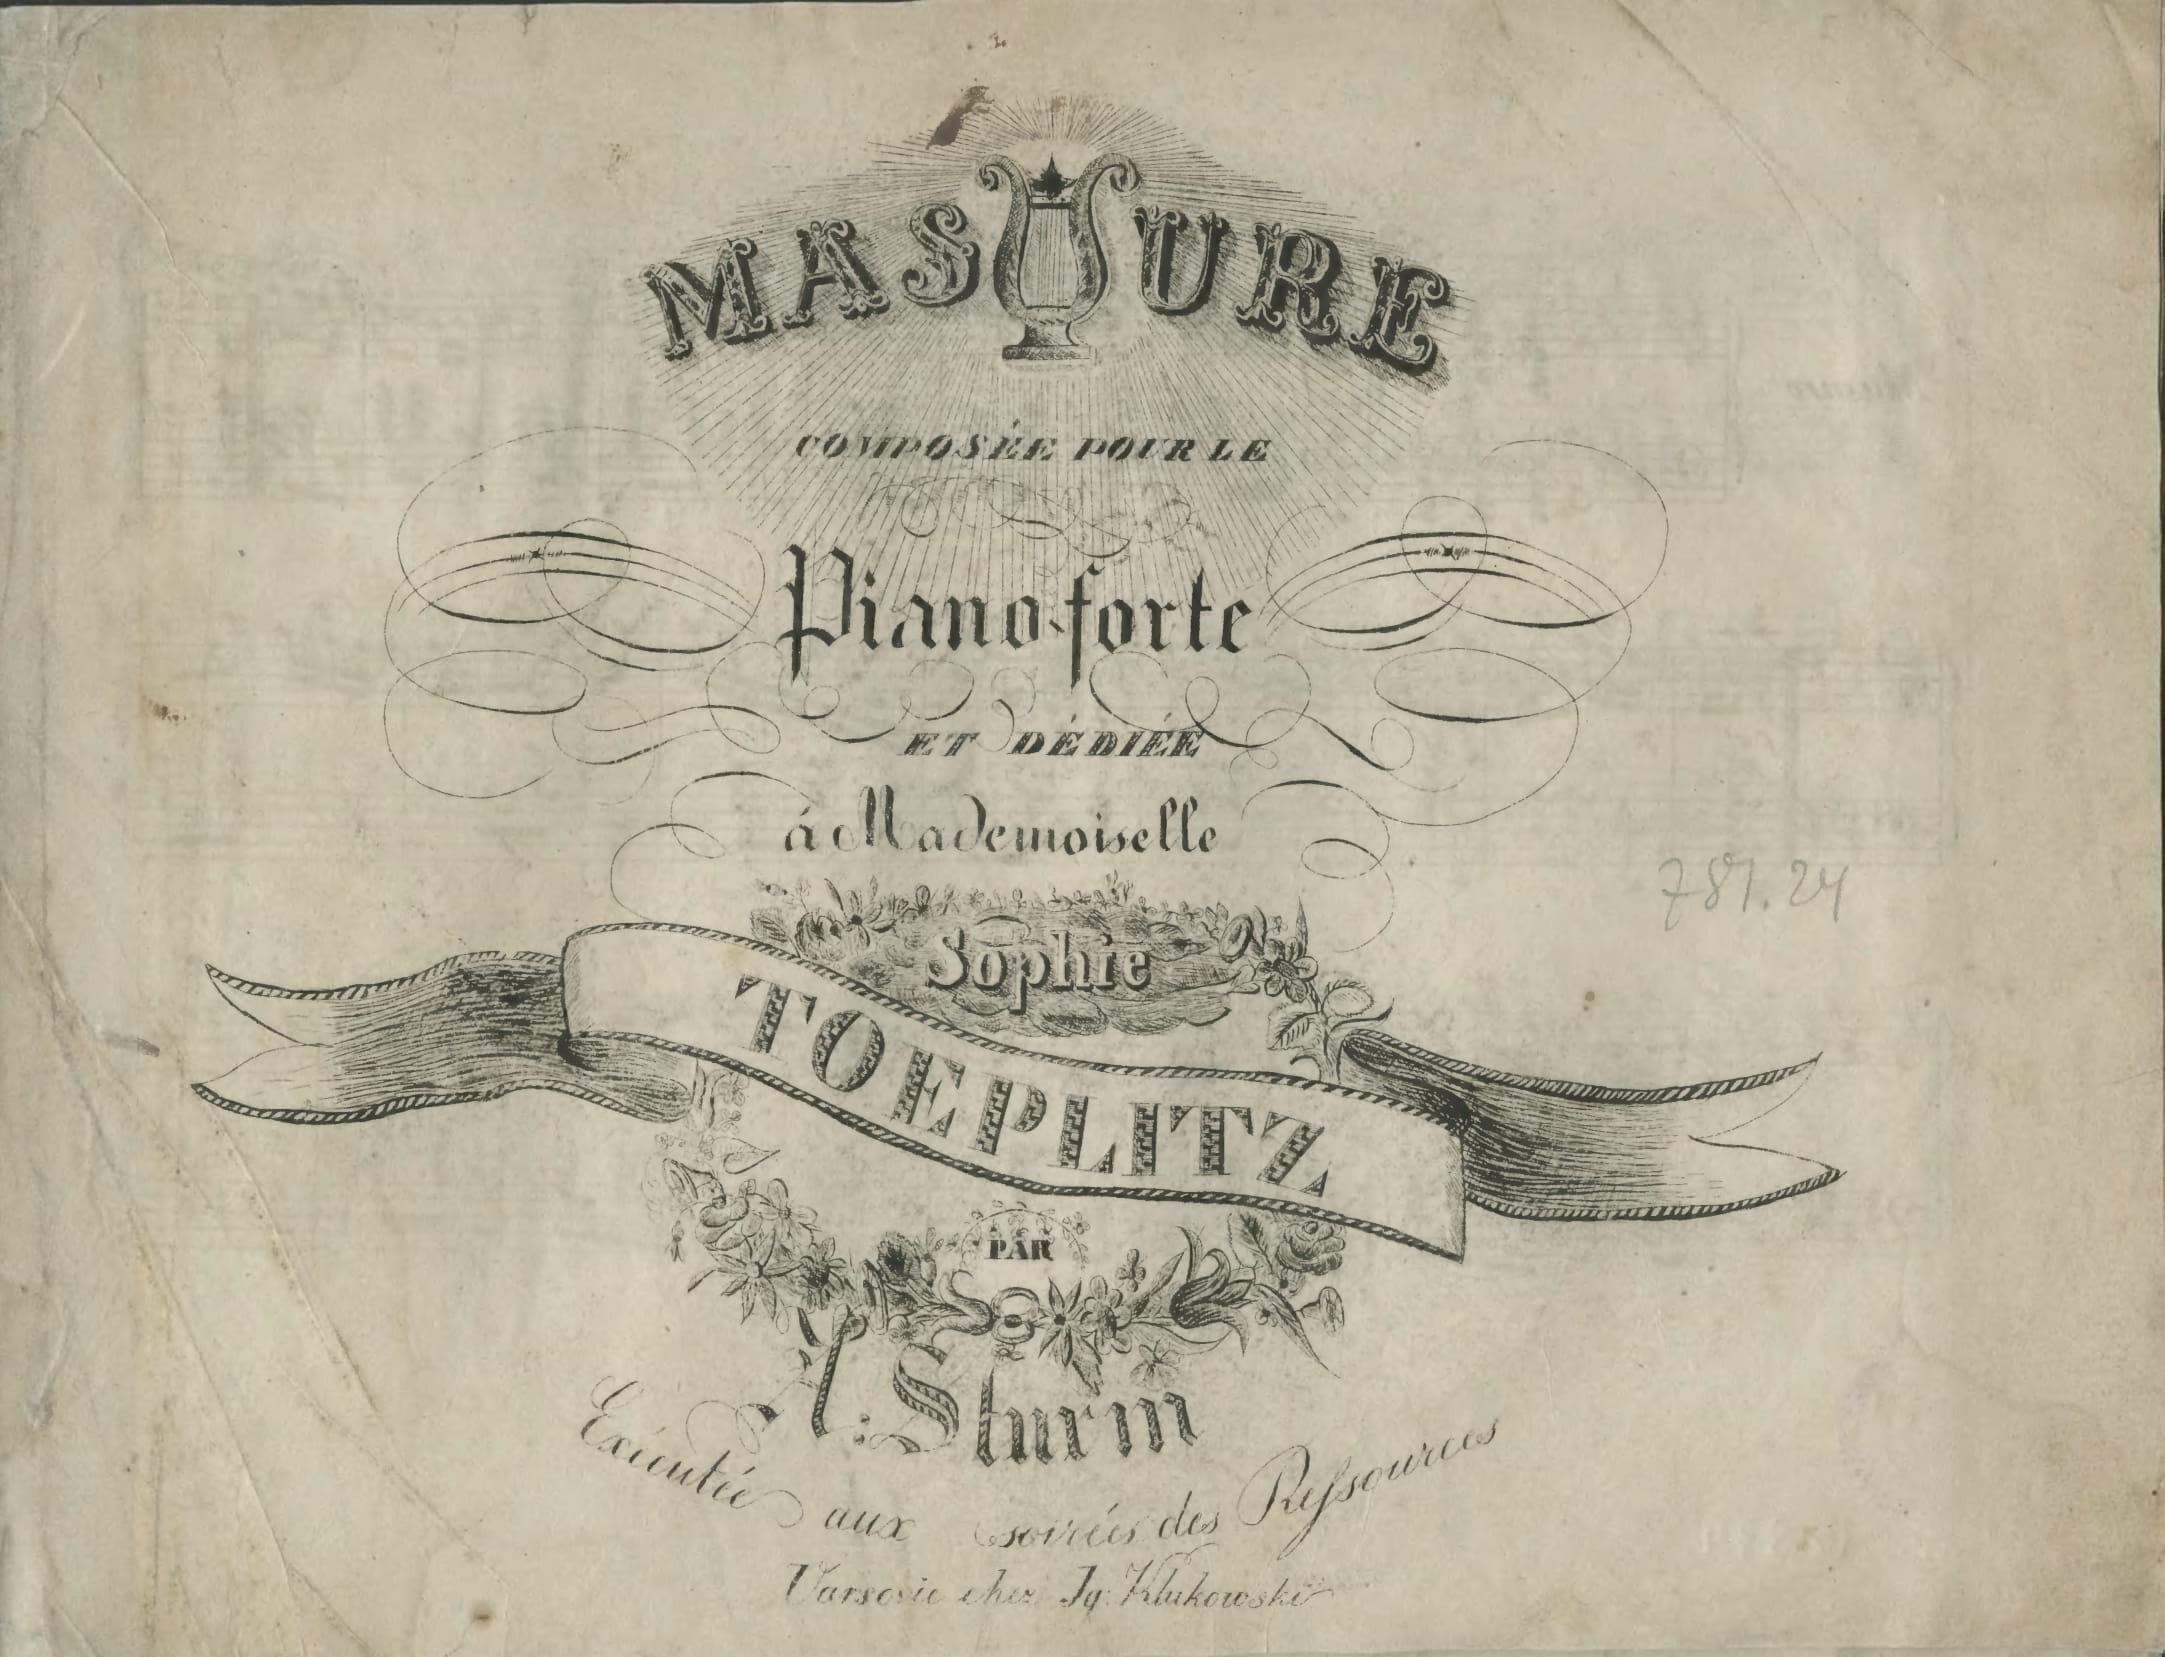 Ilustracja 2. Strona tytułowa <i>Masure</i> Adama Sturma: <i>dédiée à Mademoiselle Sophie Toeplitz</i> (Klukowski, Warszawa [1835]), Biblioteka Publiczna m.st. Warszawy, Mus. n. 10874 Cim.